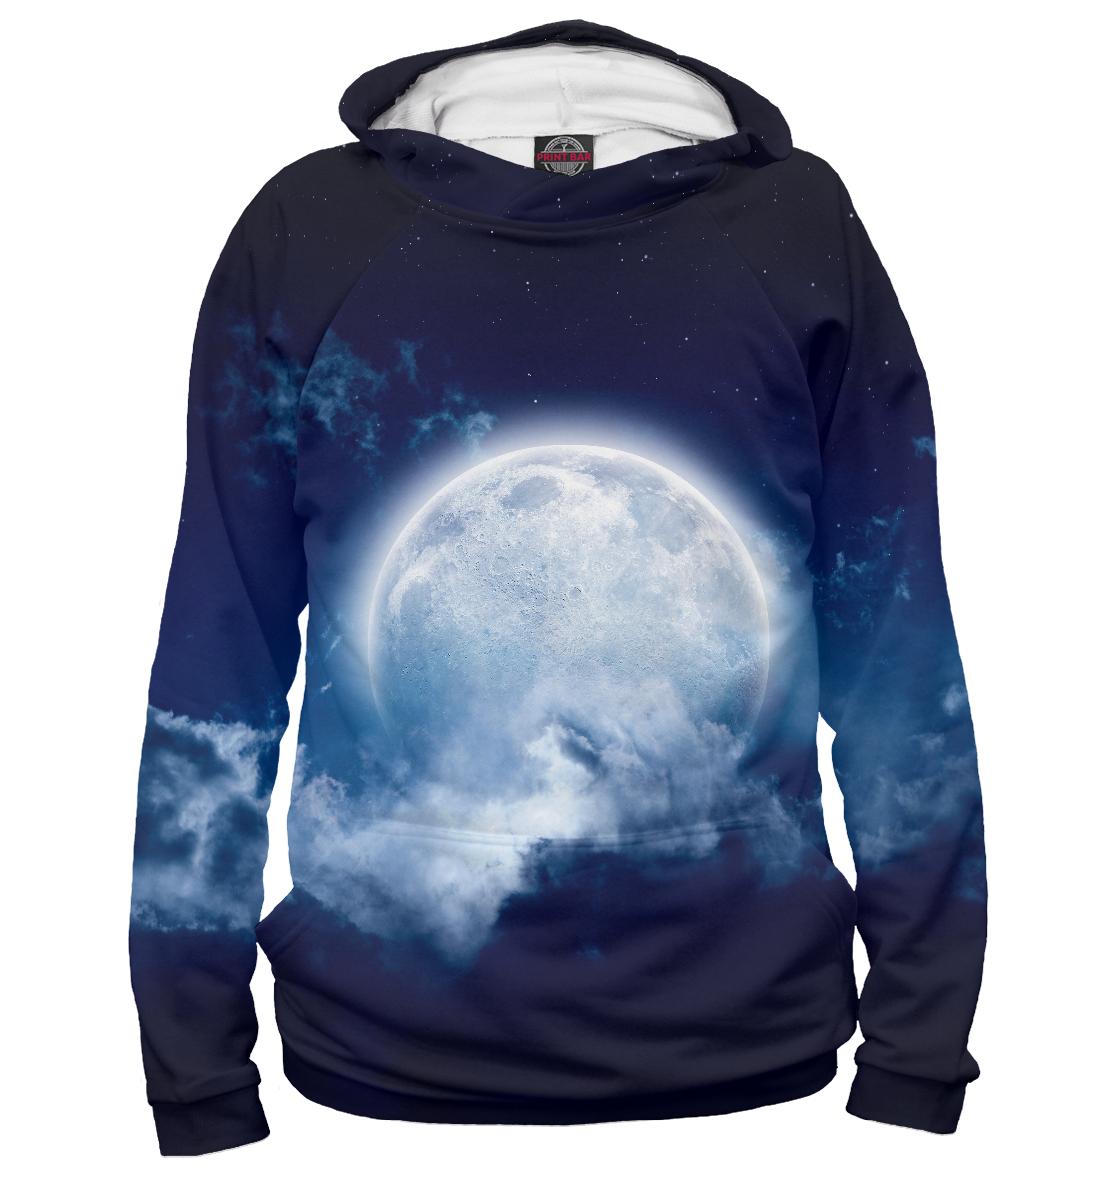 брюки barkito в облаках 31y 24016kor Луна в облаках